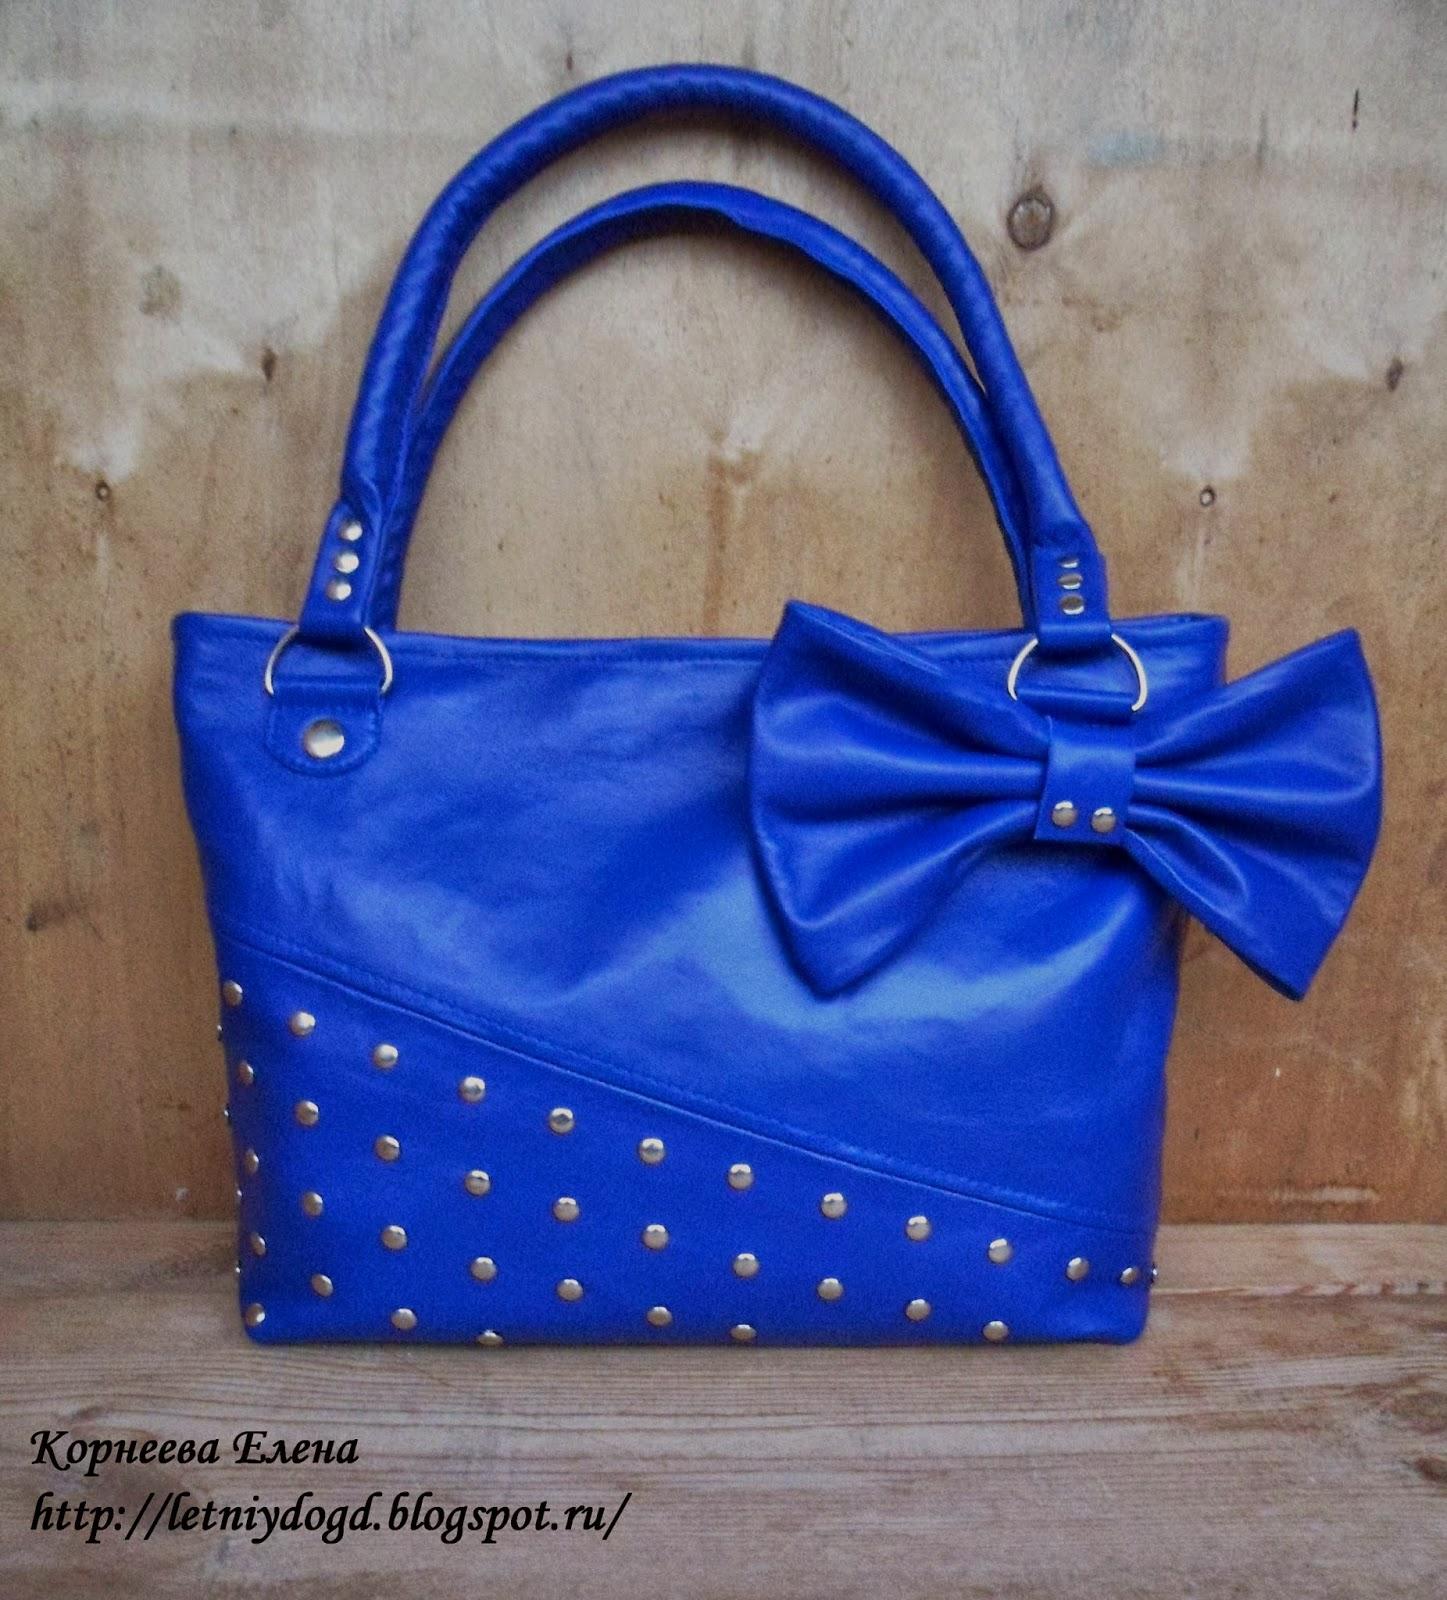 сумка кожаная женская синяя с бантом